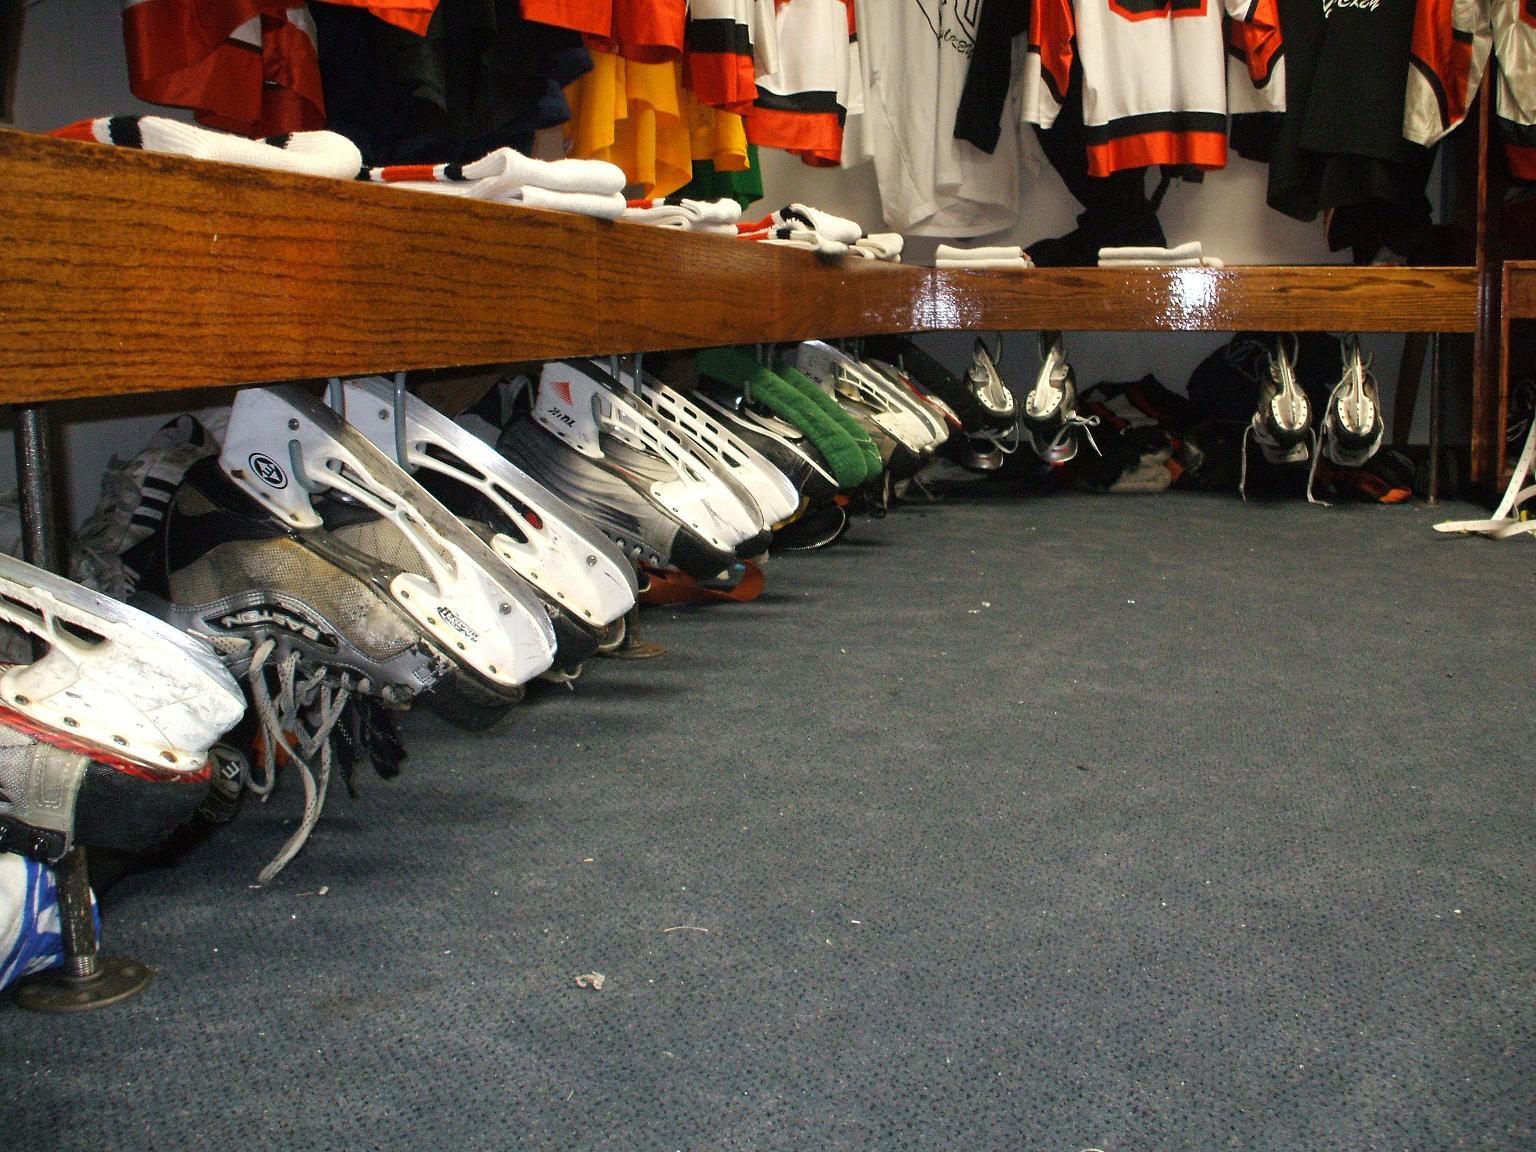 hockey locker room gay free